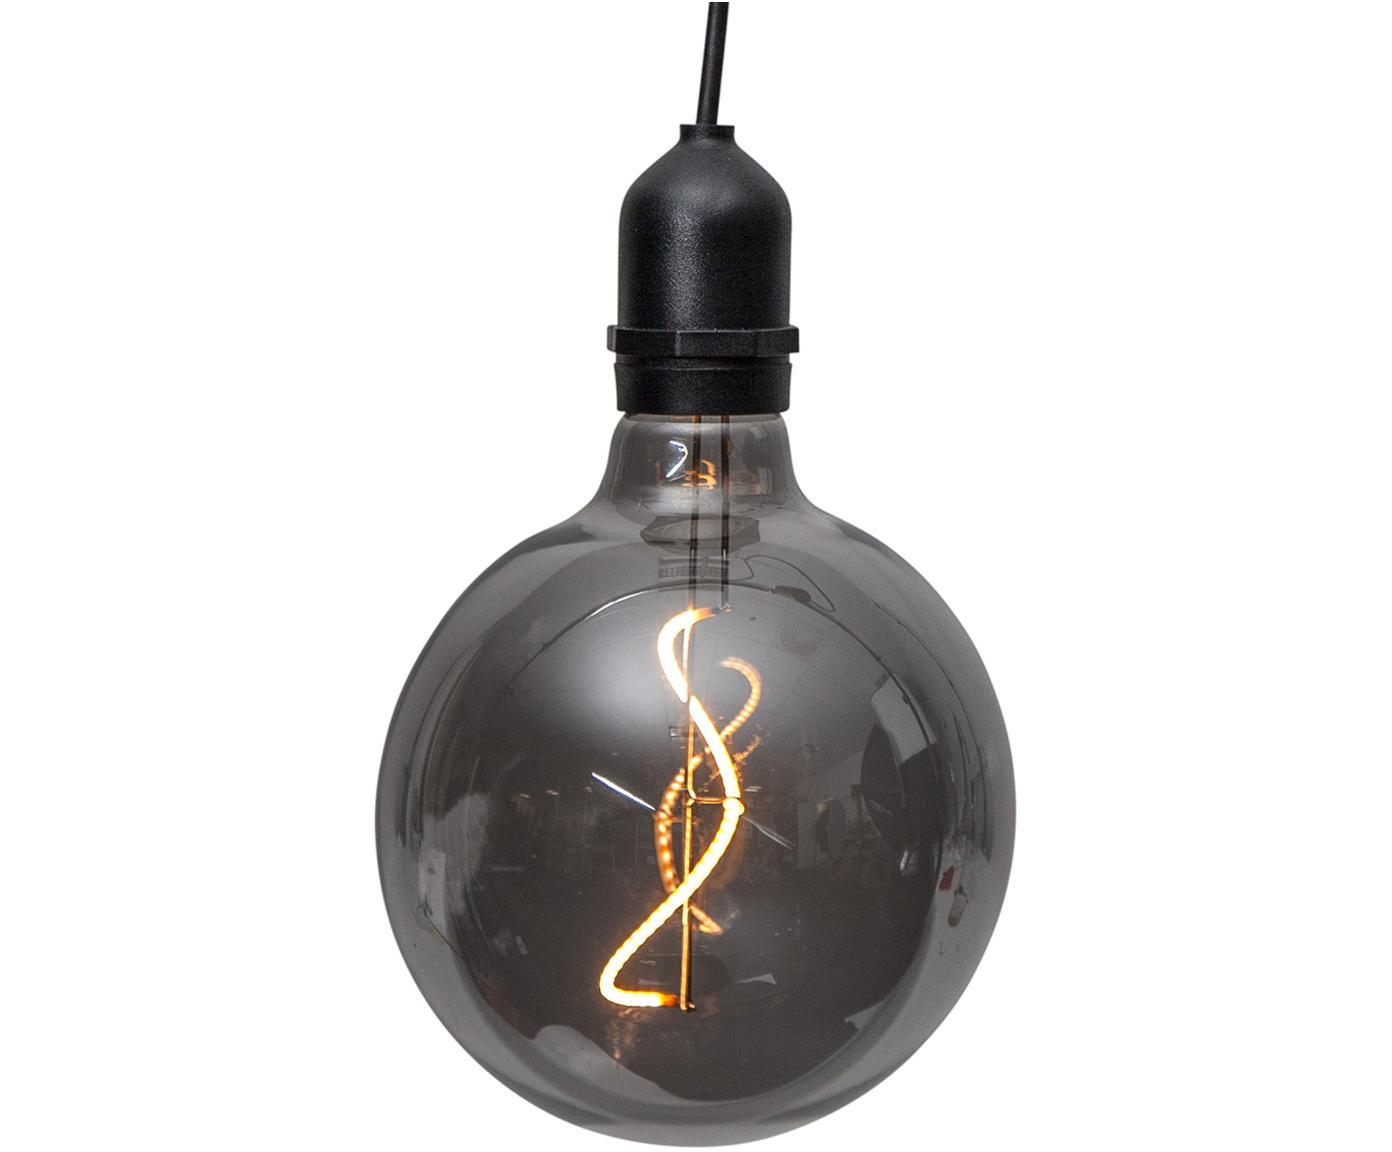 Lampada da esterno a LED Bowl, Vetro, materiale sintetico, Grigio scuro, trasparente, nero, Ø 13 x Alt. 18 cm